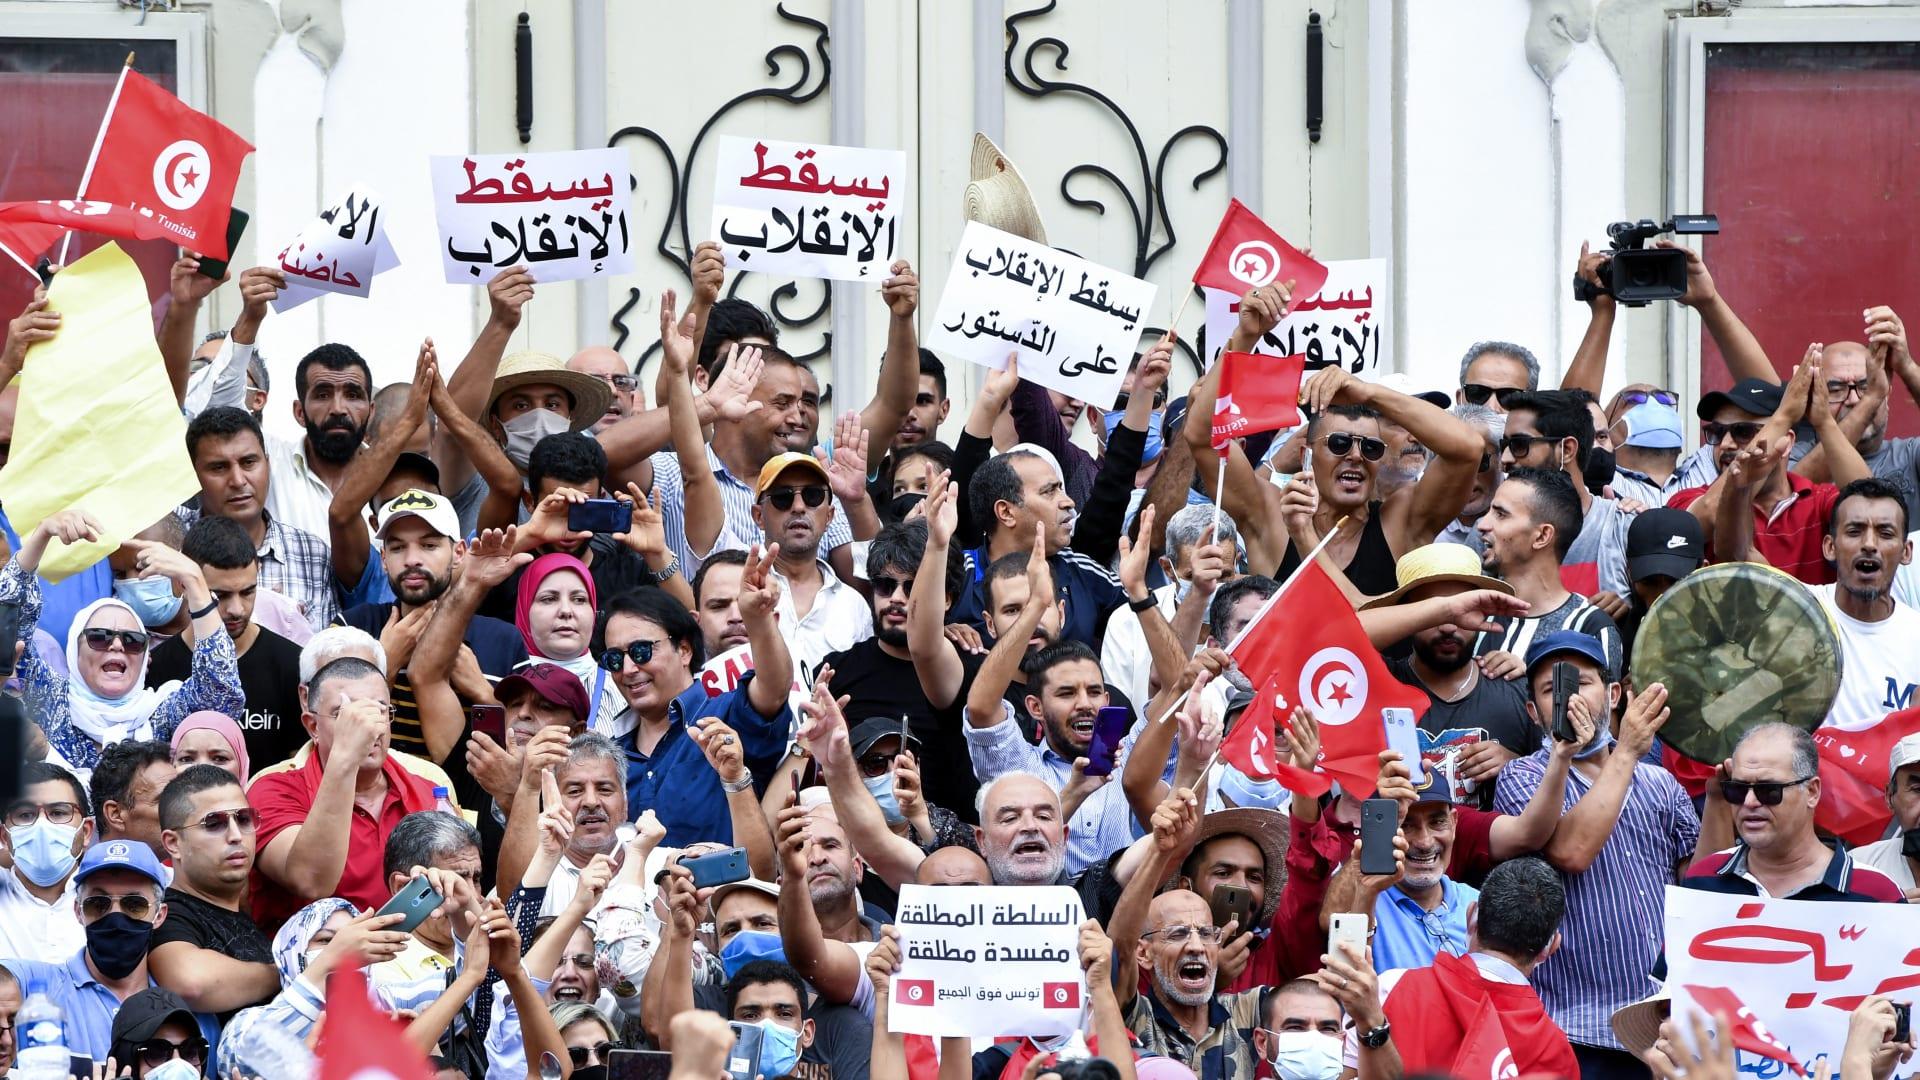 تونسيون يرددون هتافات ضد الرئيس قيس سعيد خلال احتجاج في العاصمة تونس في 18 سبتمبر 2021